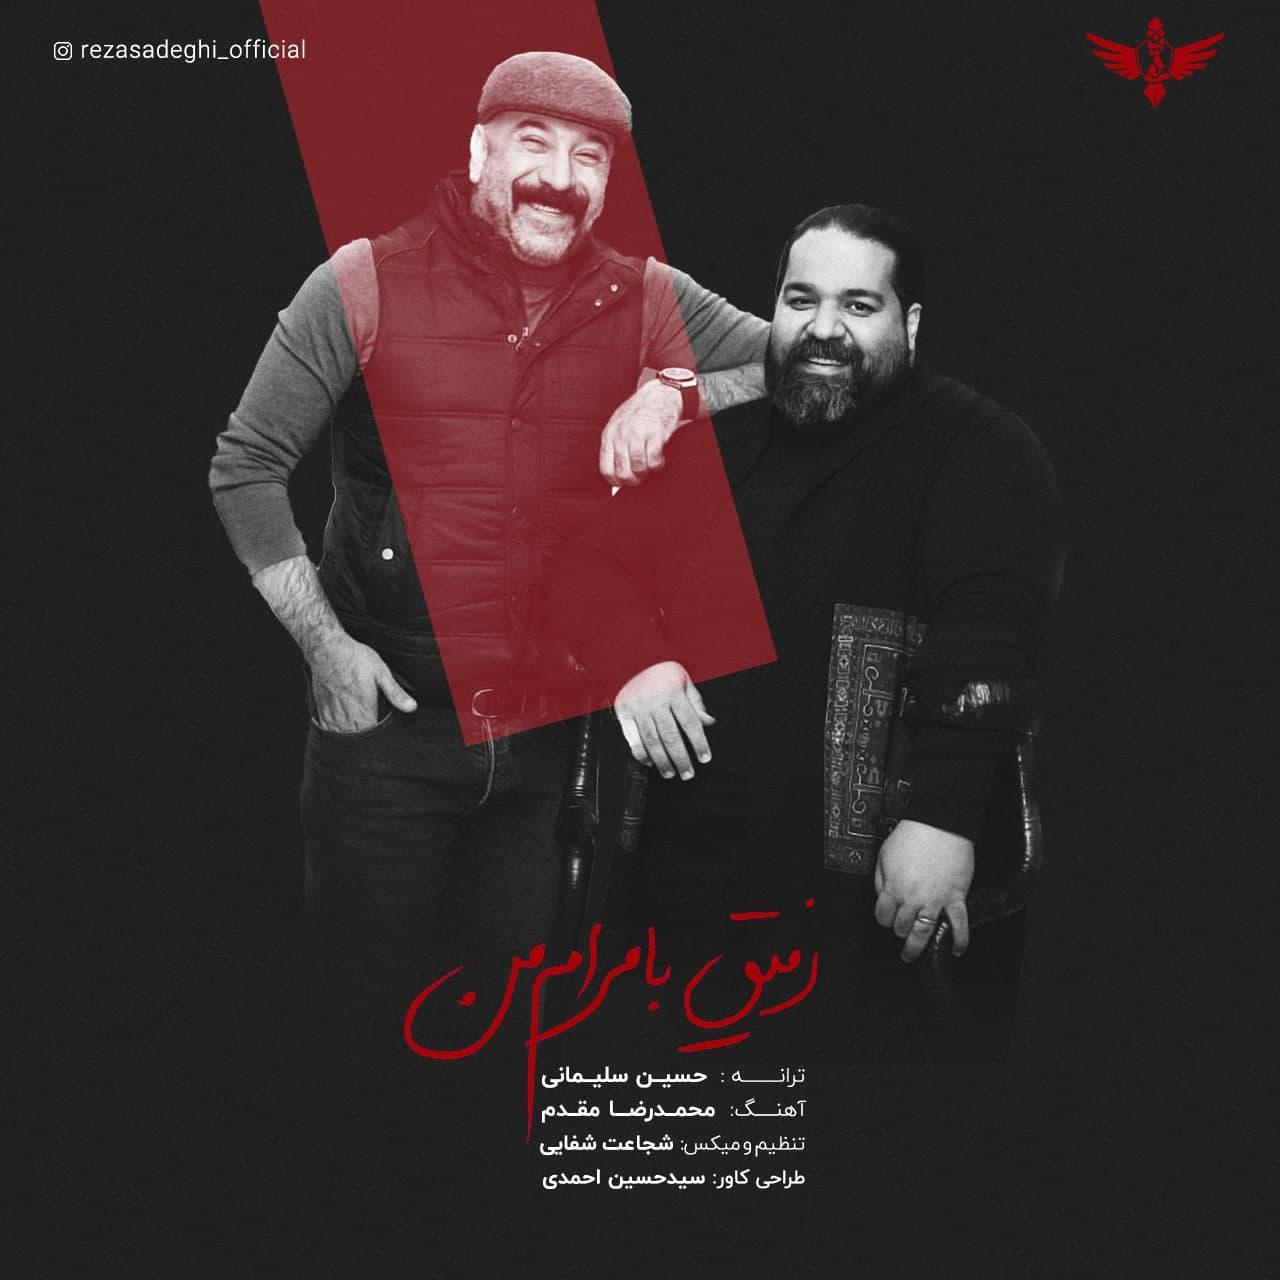 دانلود موزیک جدید رفیق با مرام من از رضا صادقی